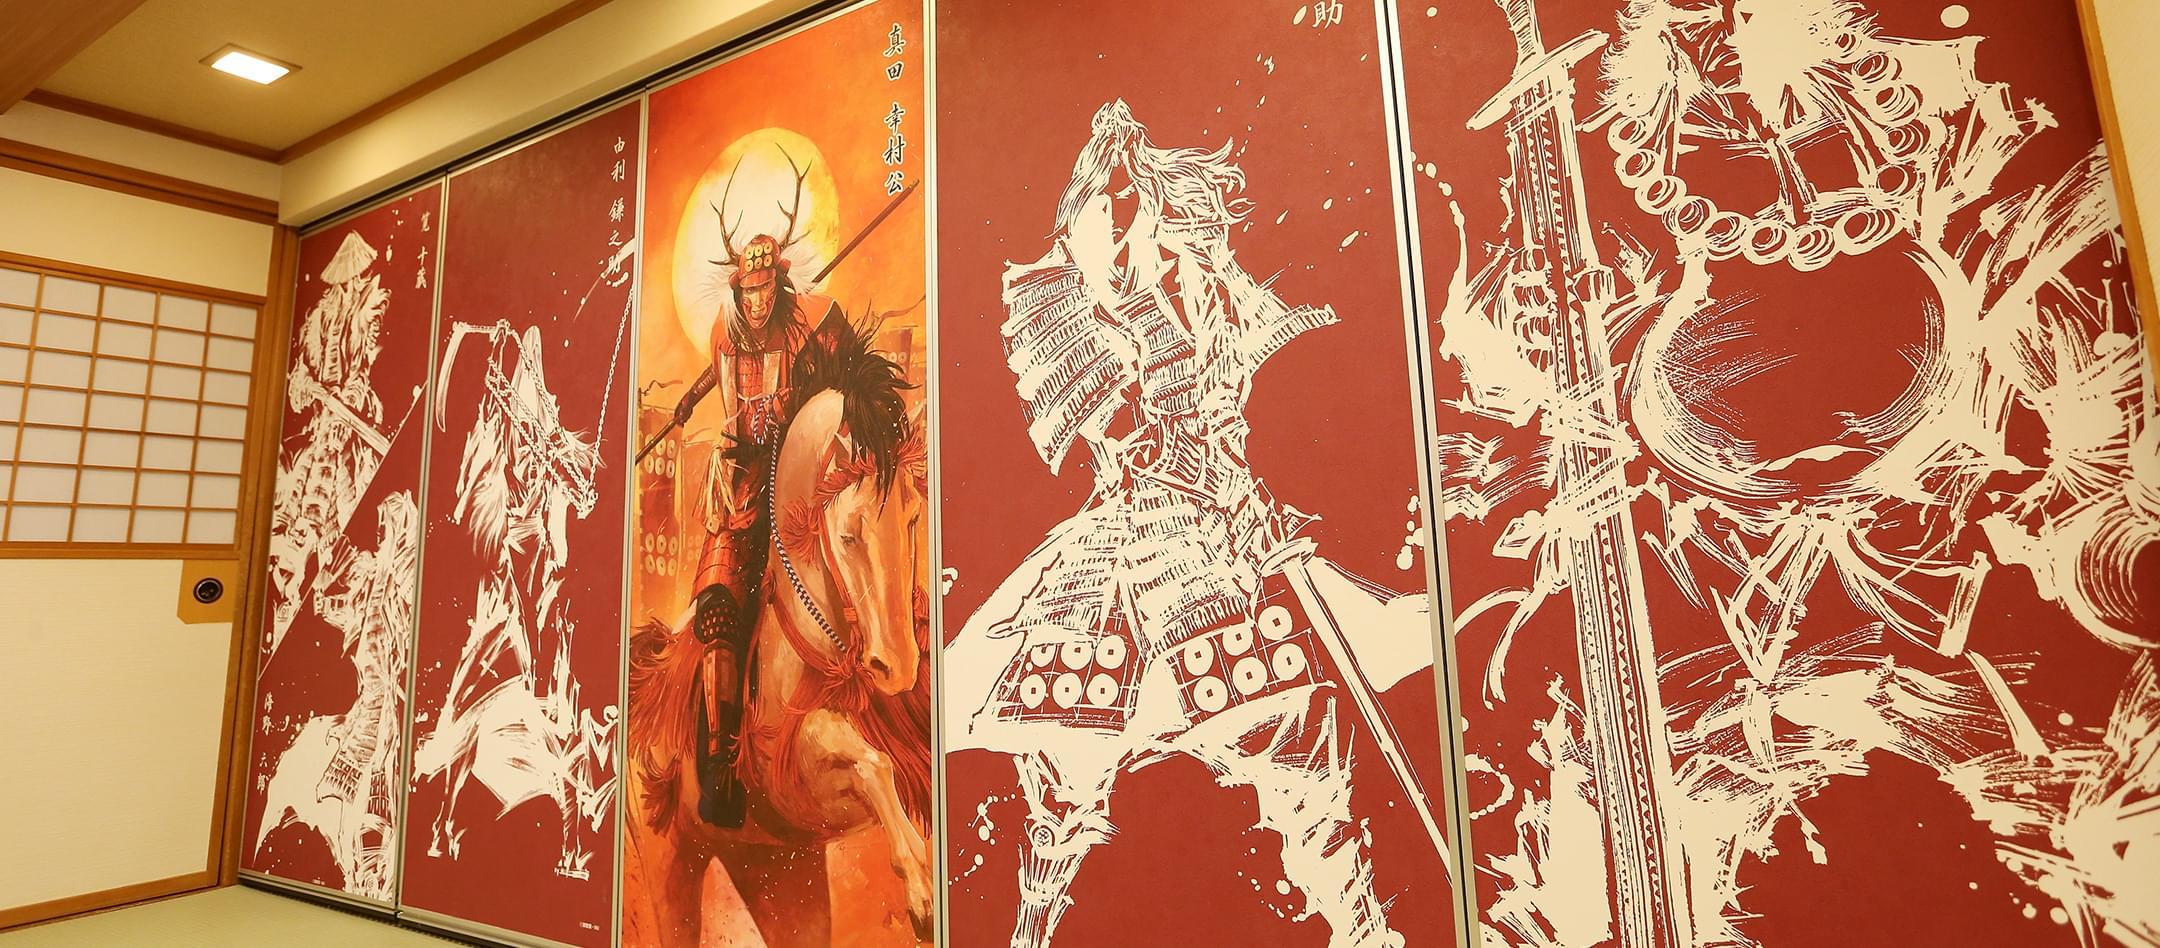 真田武将の襖絵の画像